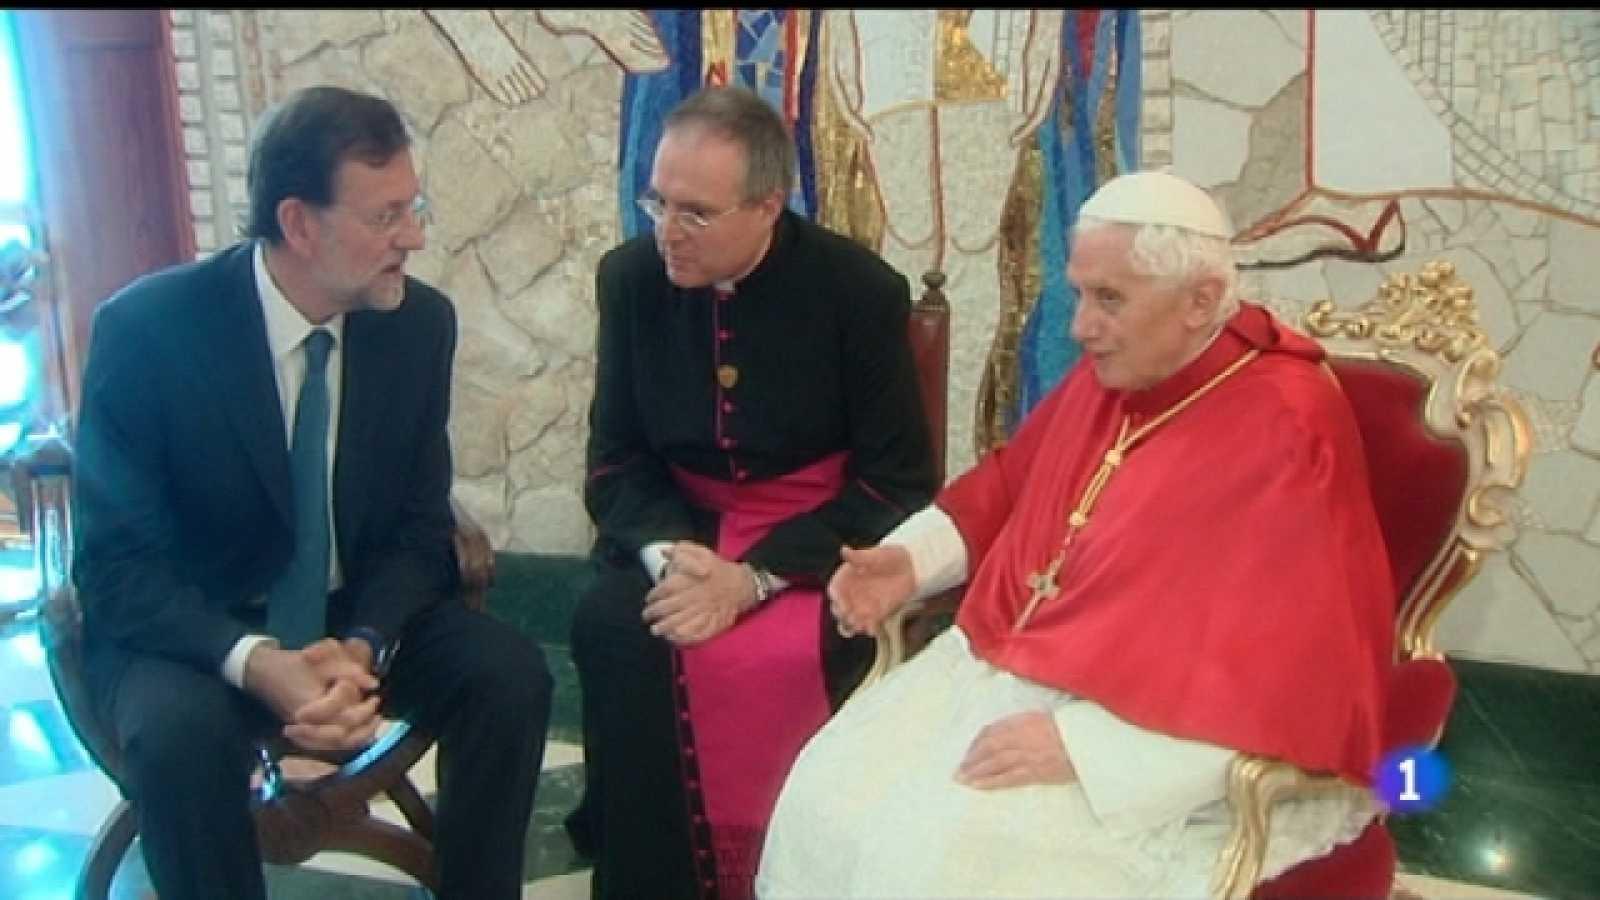 Especial informativo - Visita de S.S. el Papa Benedicto XVI - 20/08/11 - Ver ahora